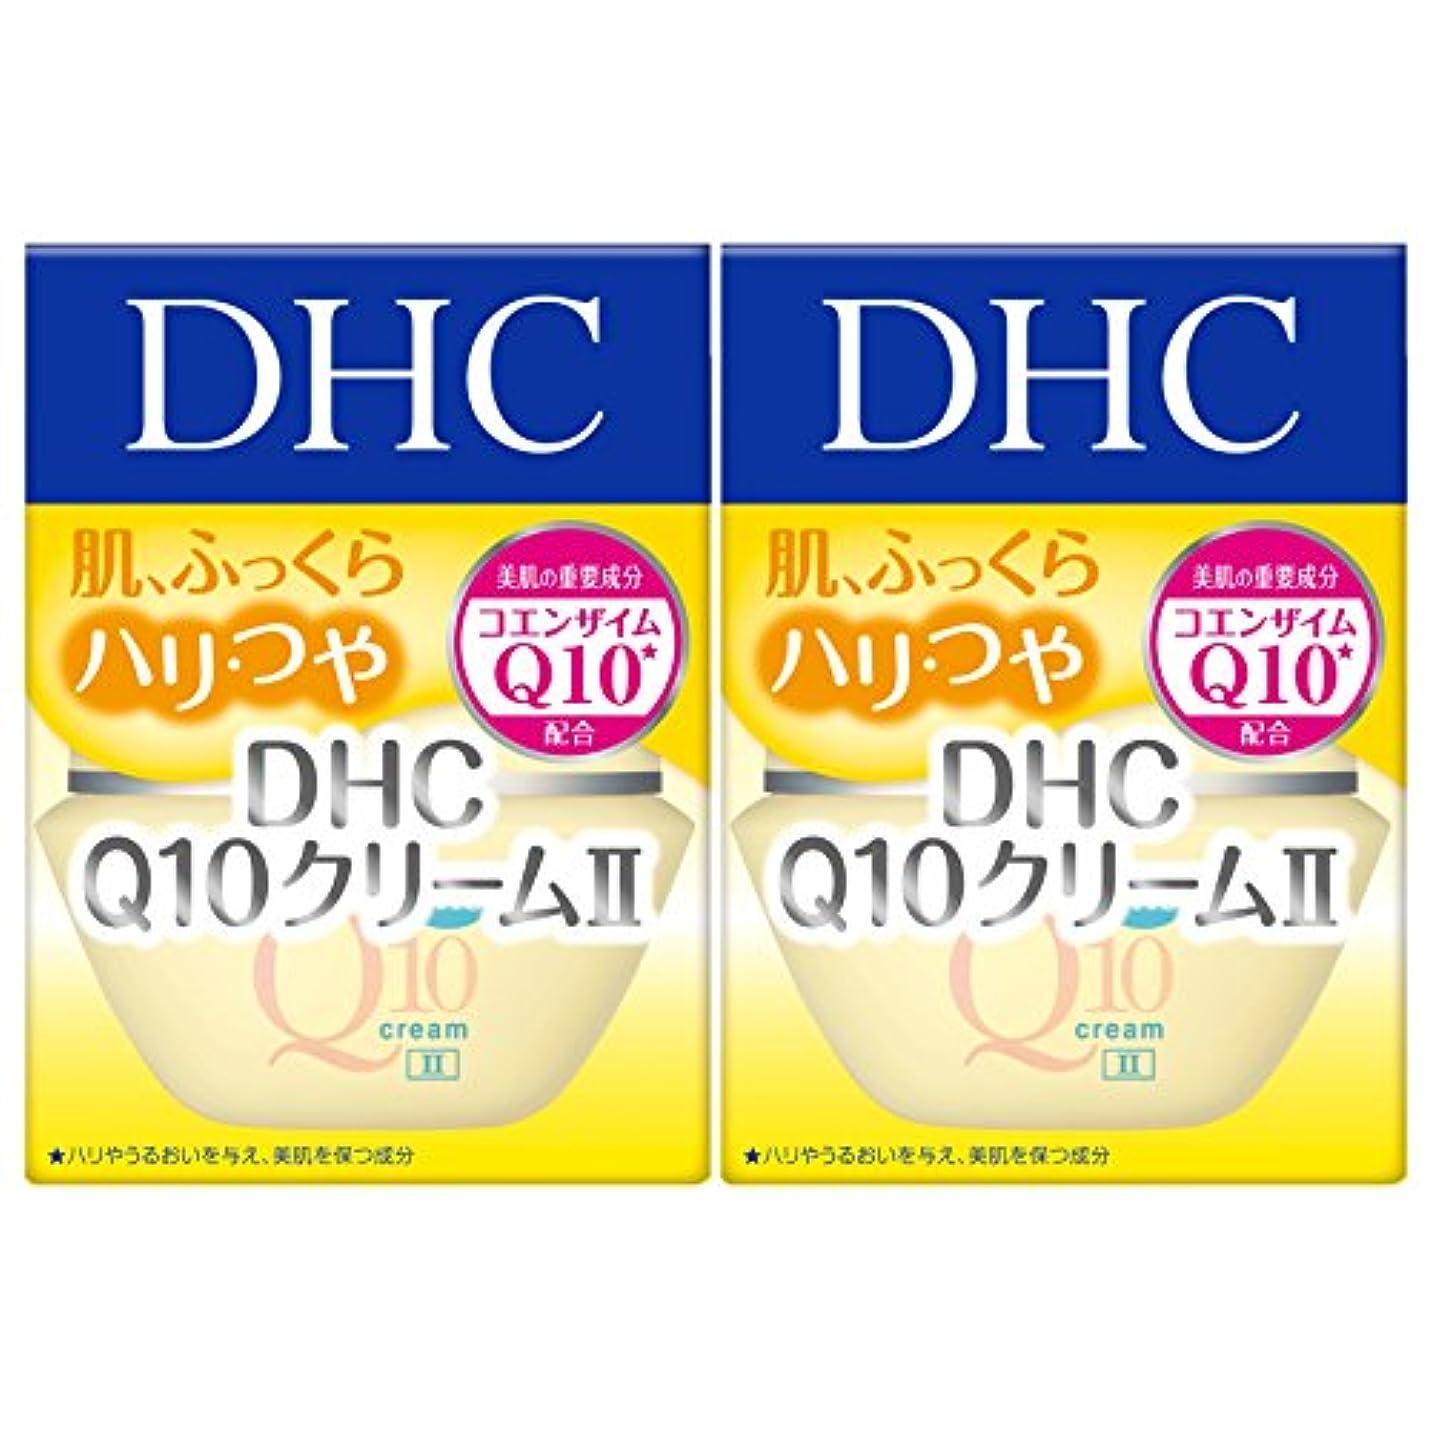 取るに足らない十分定刻【セット品】DHC Q10クリームII (SS) 20g 2個セット